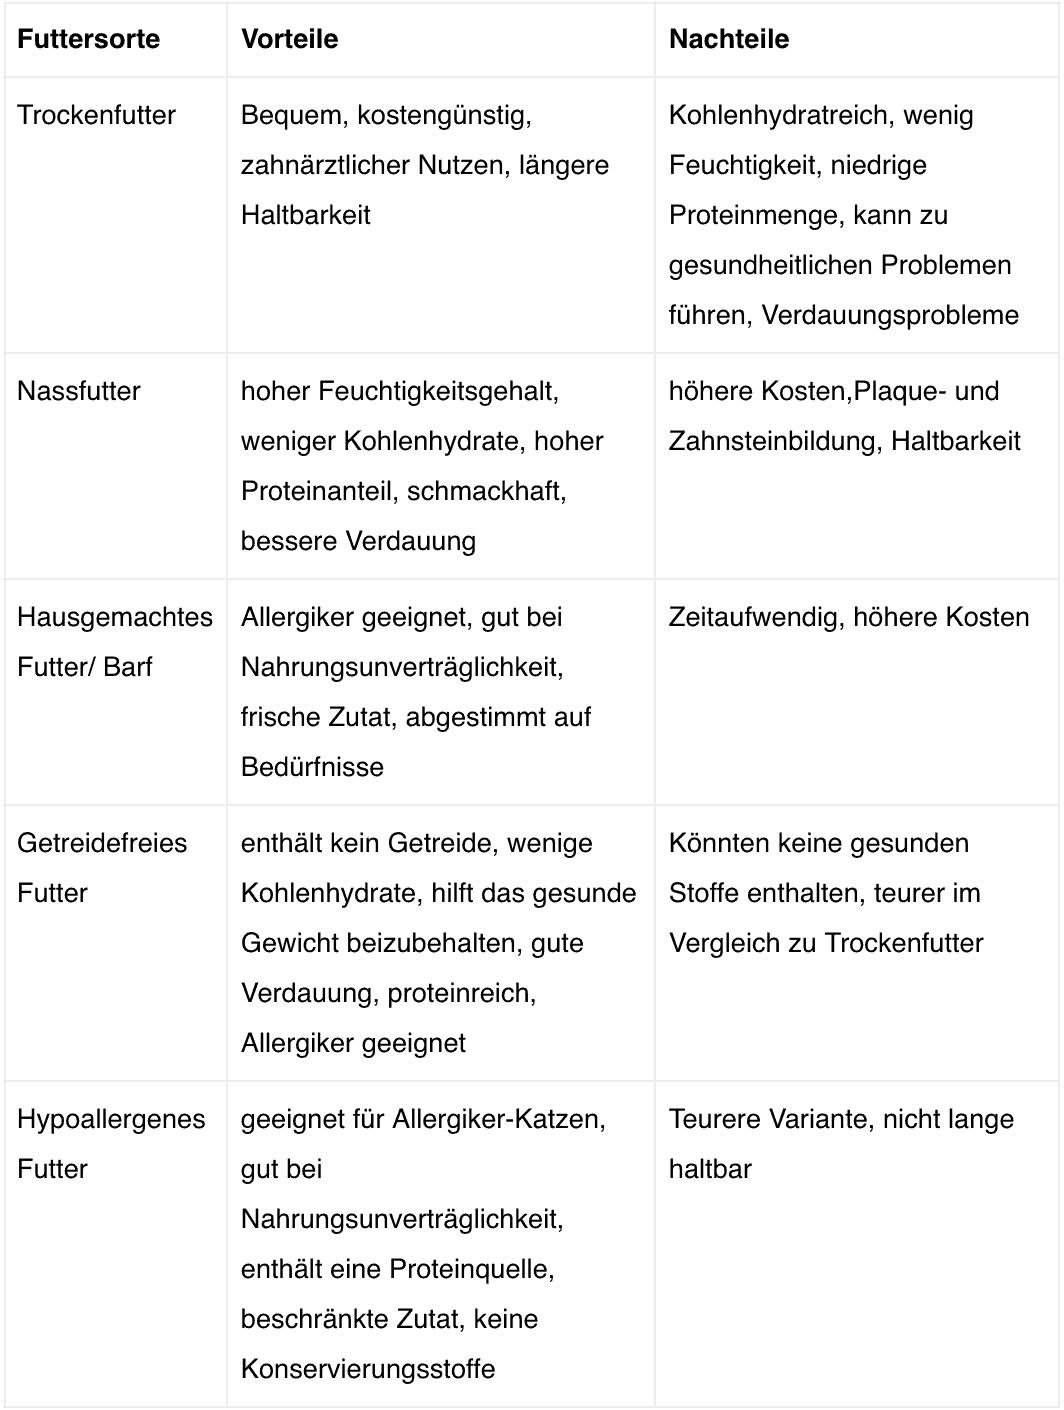 Tabelle Vor-und Nachteile Fütterungsarten